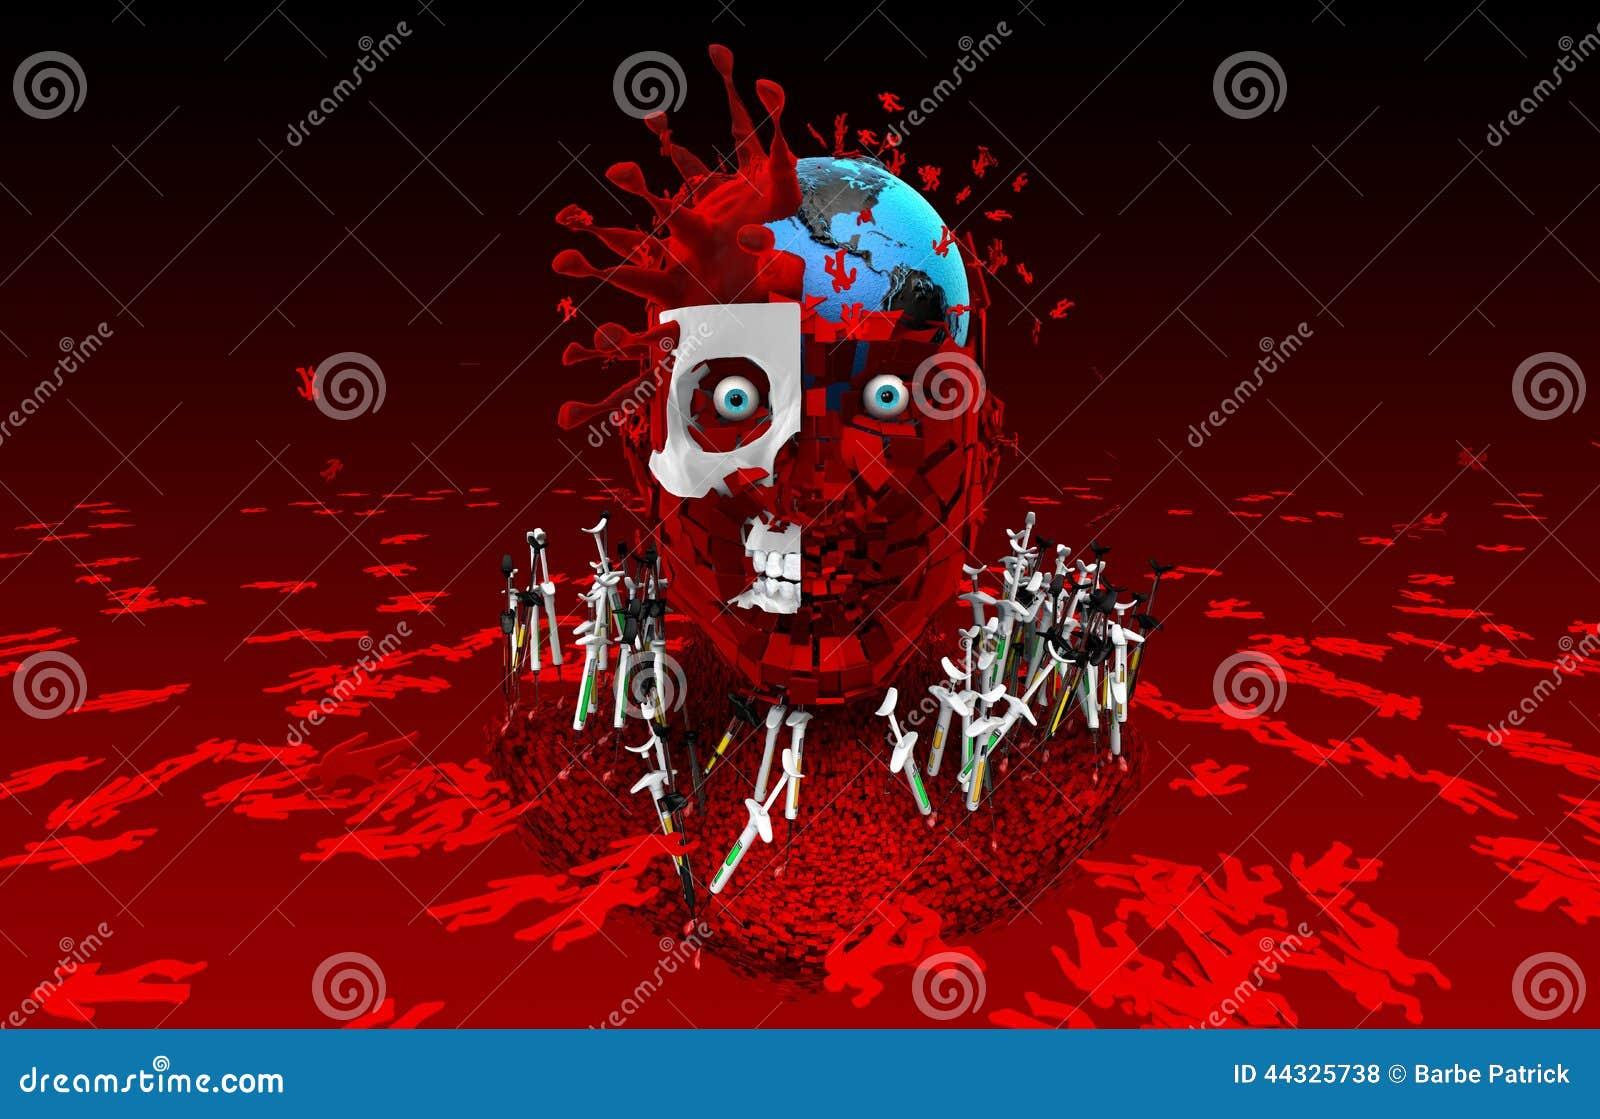 Virusbytemänsklighet Get vaccinerade Kamp mot viruset